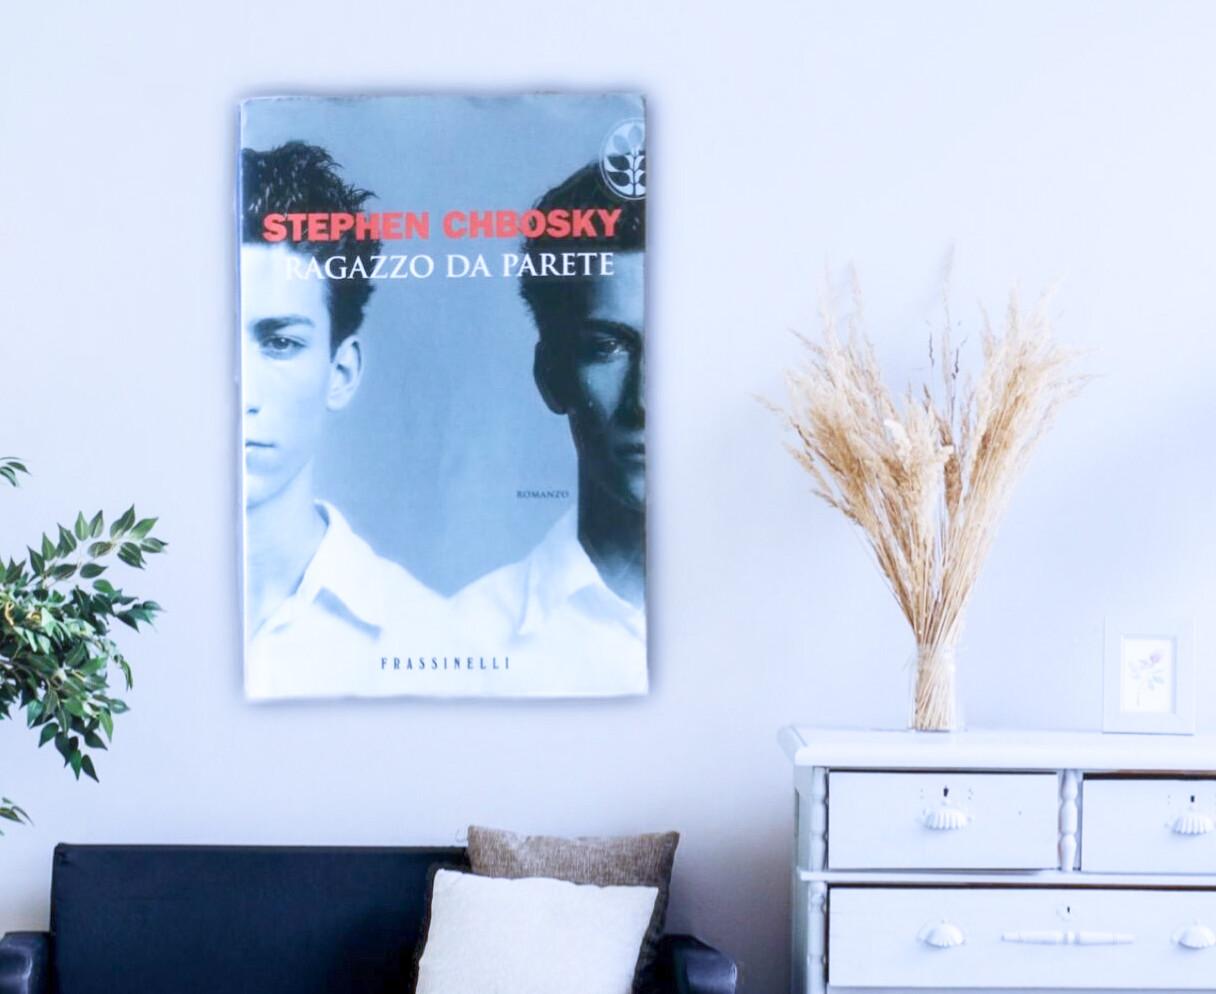 Ragazzo da parete (Noi siamo infinito) – Stephen Chbosky